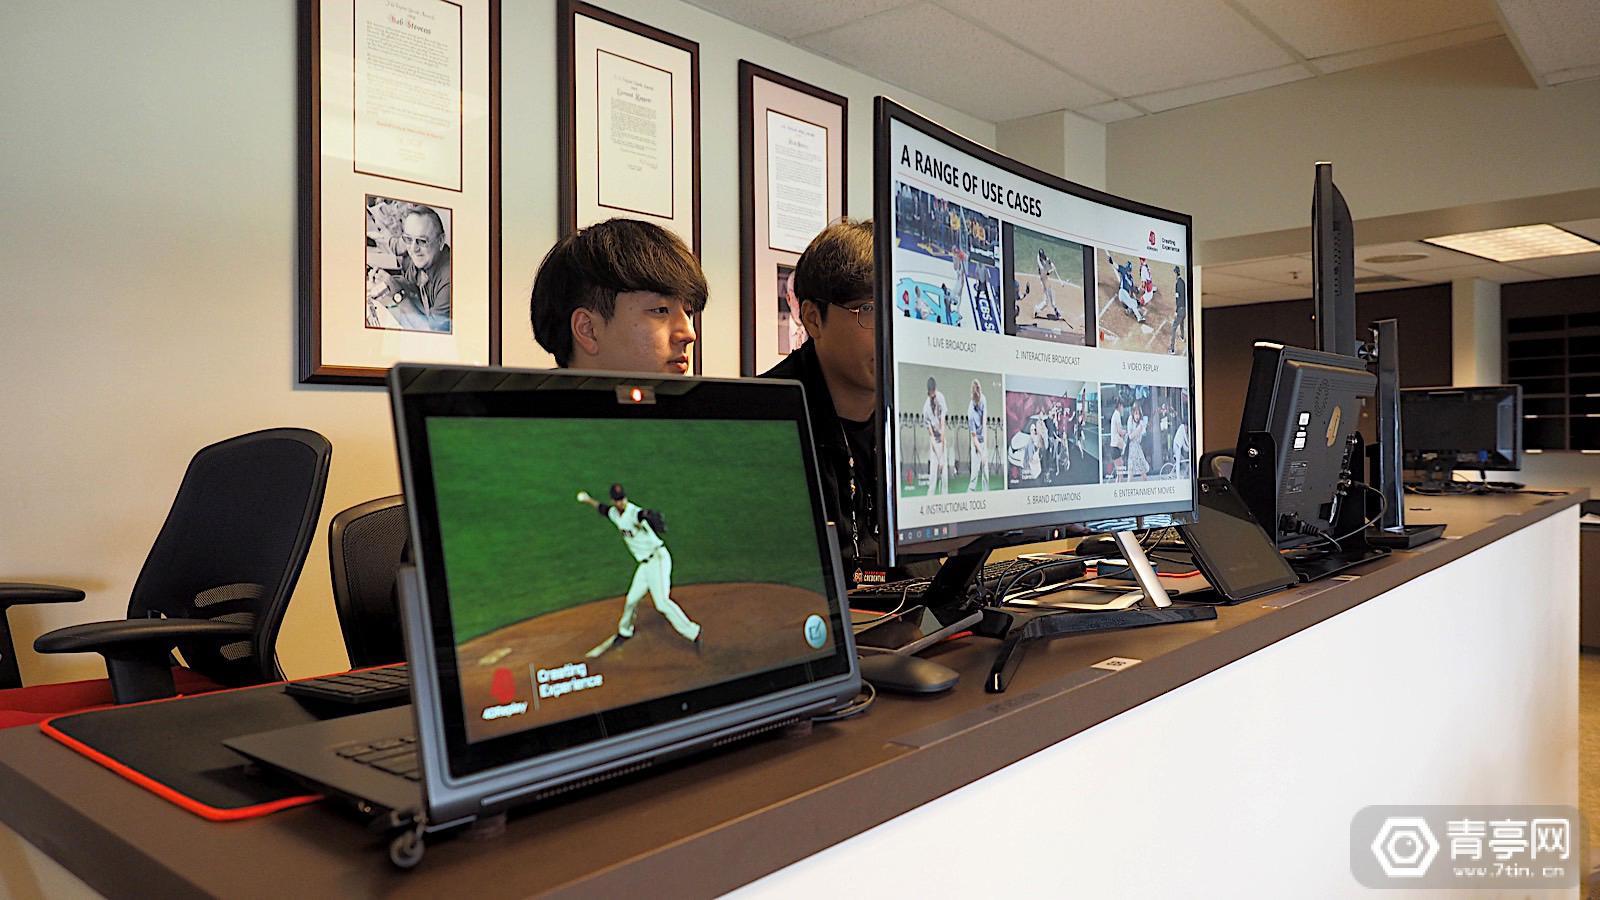 360度视频回放系统在体育比赛中的应用